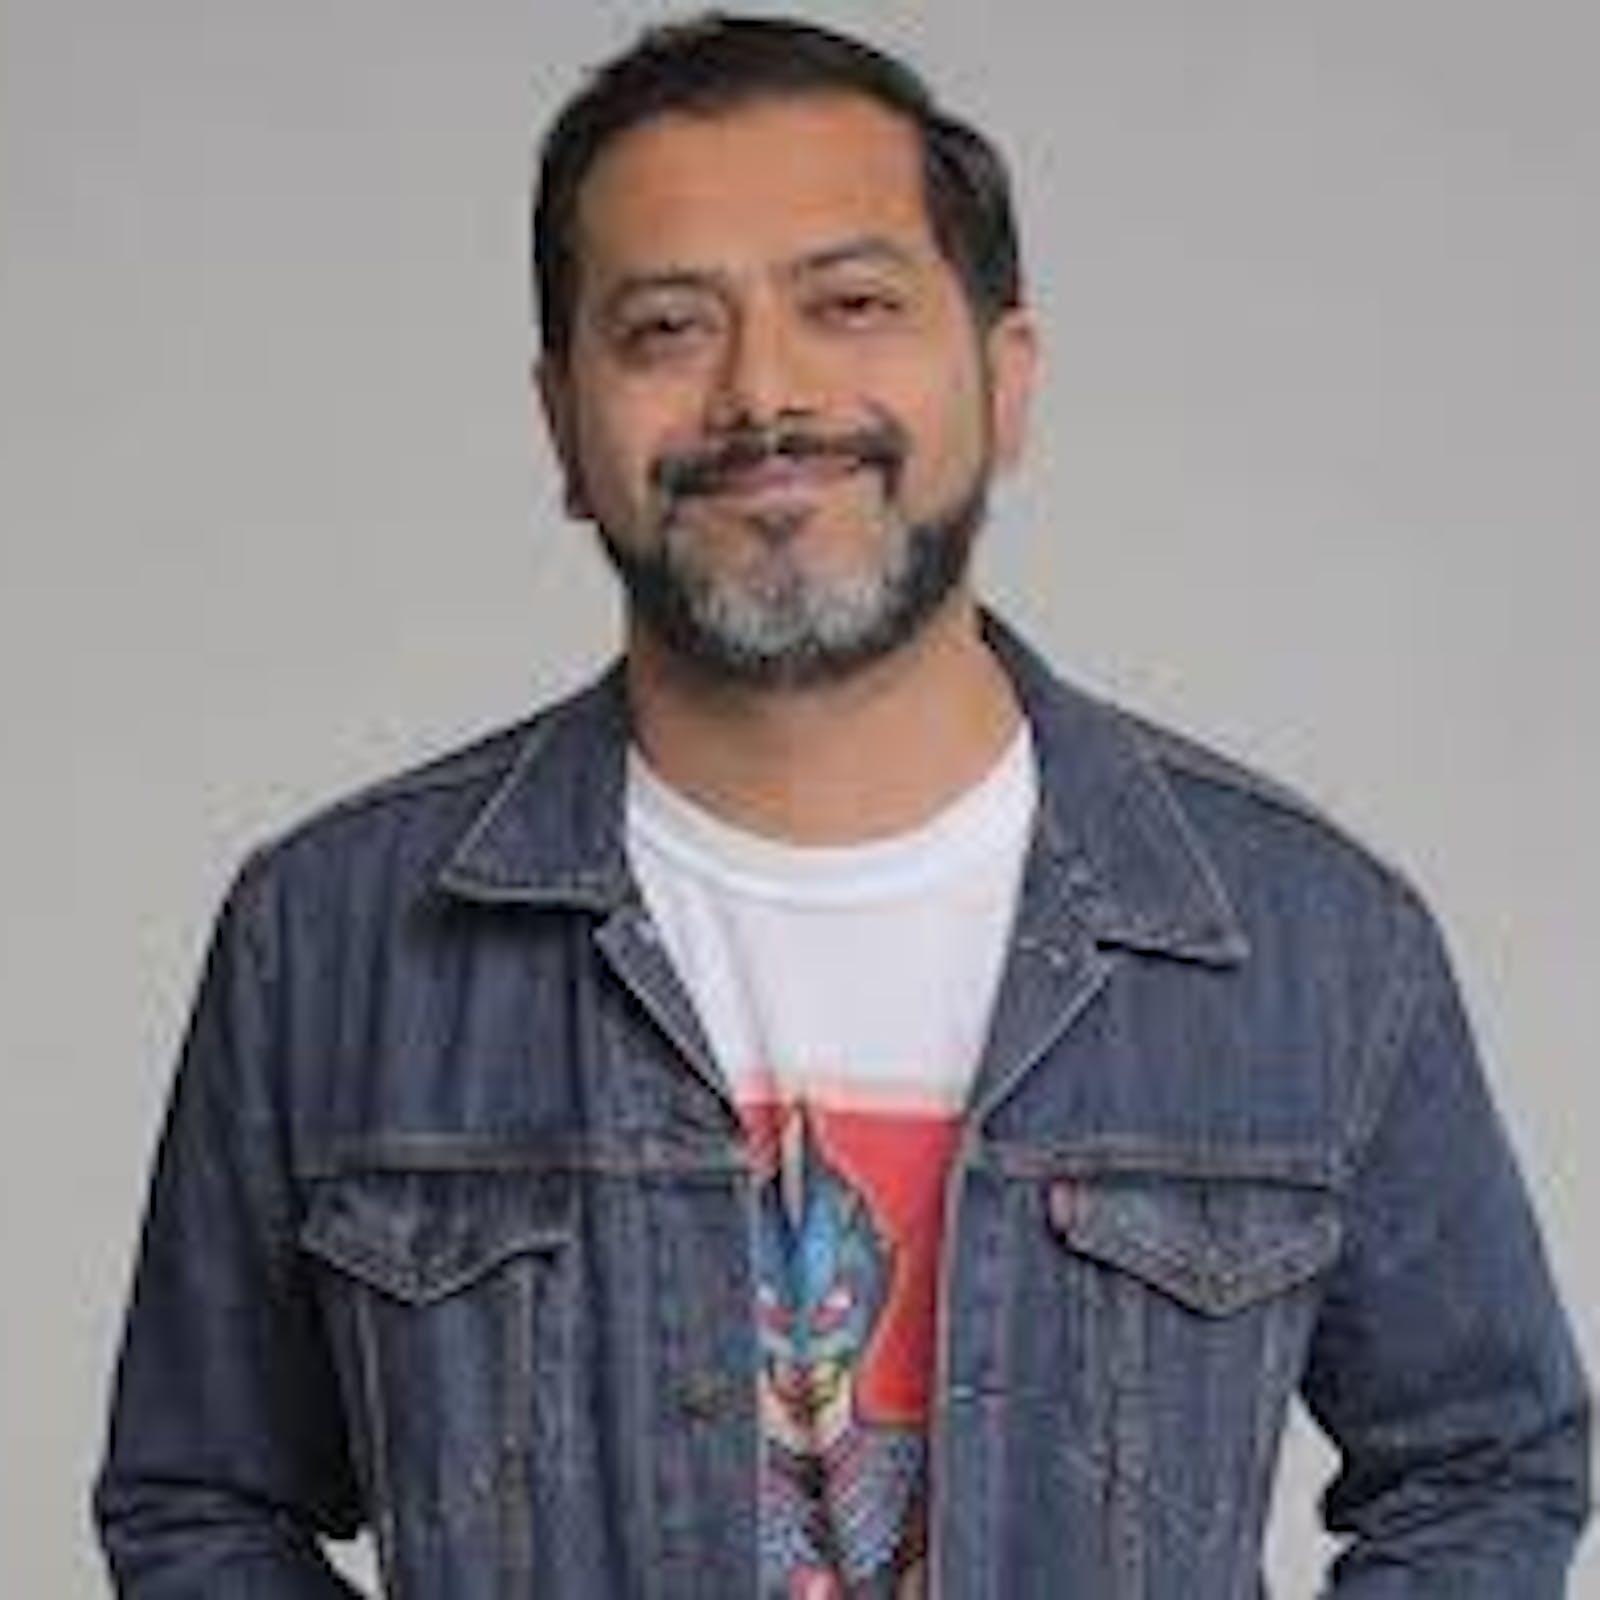 Pedro Ruminot